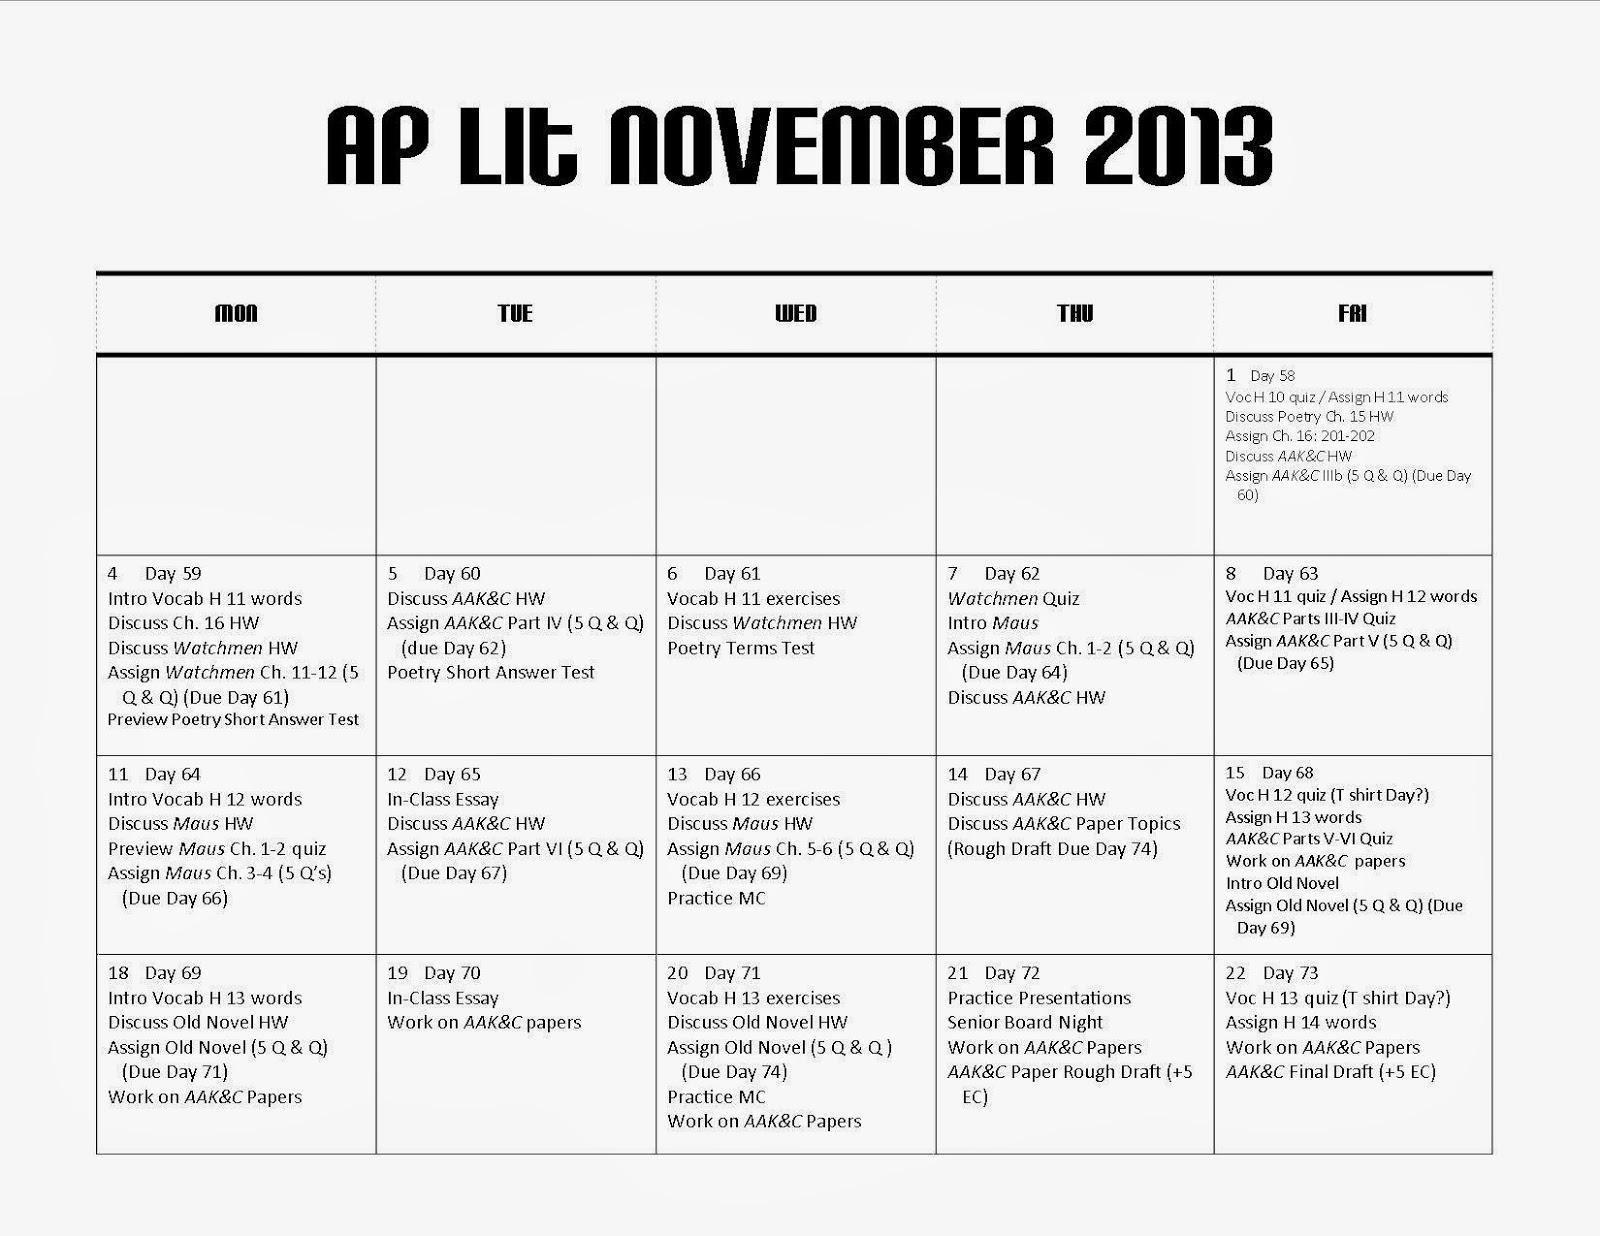 maus essay dr c s ap lit block maus how a holocaust survivor and  dr c s ap lit block ap lit calendar